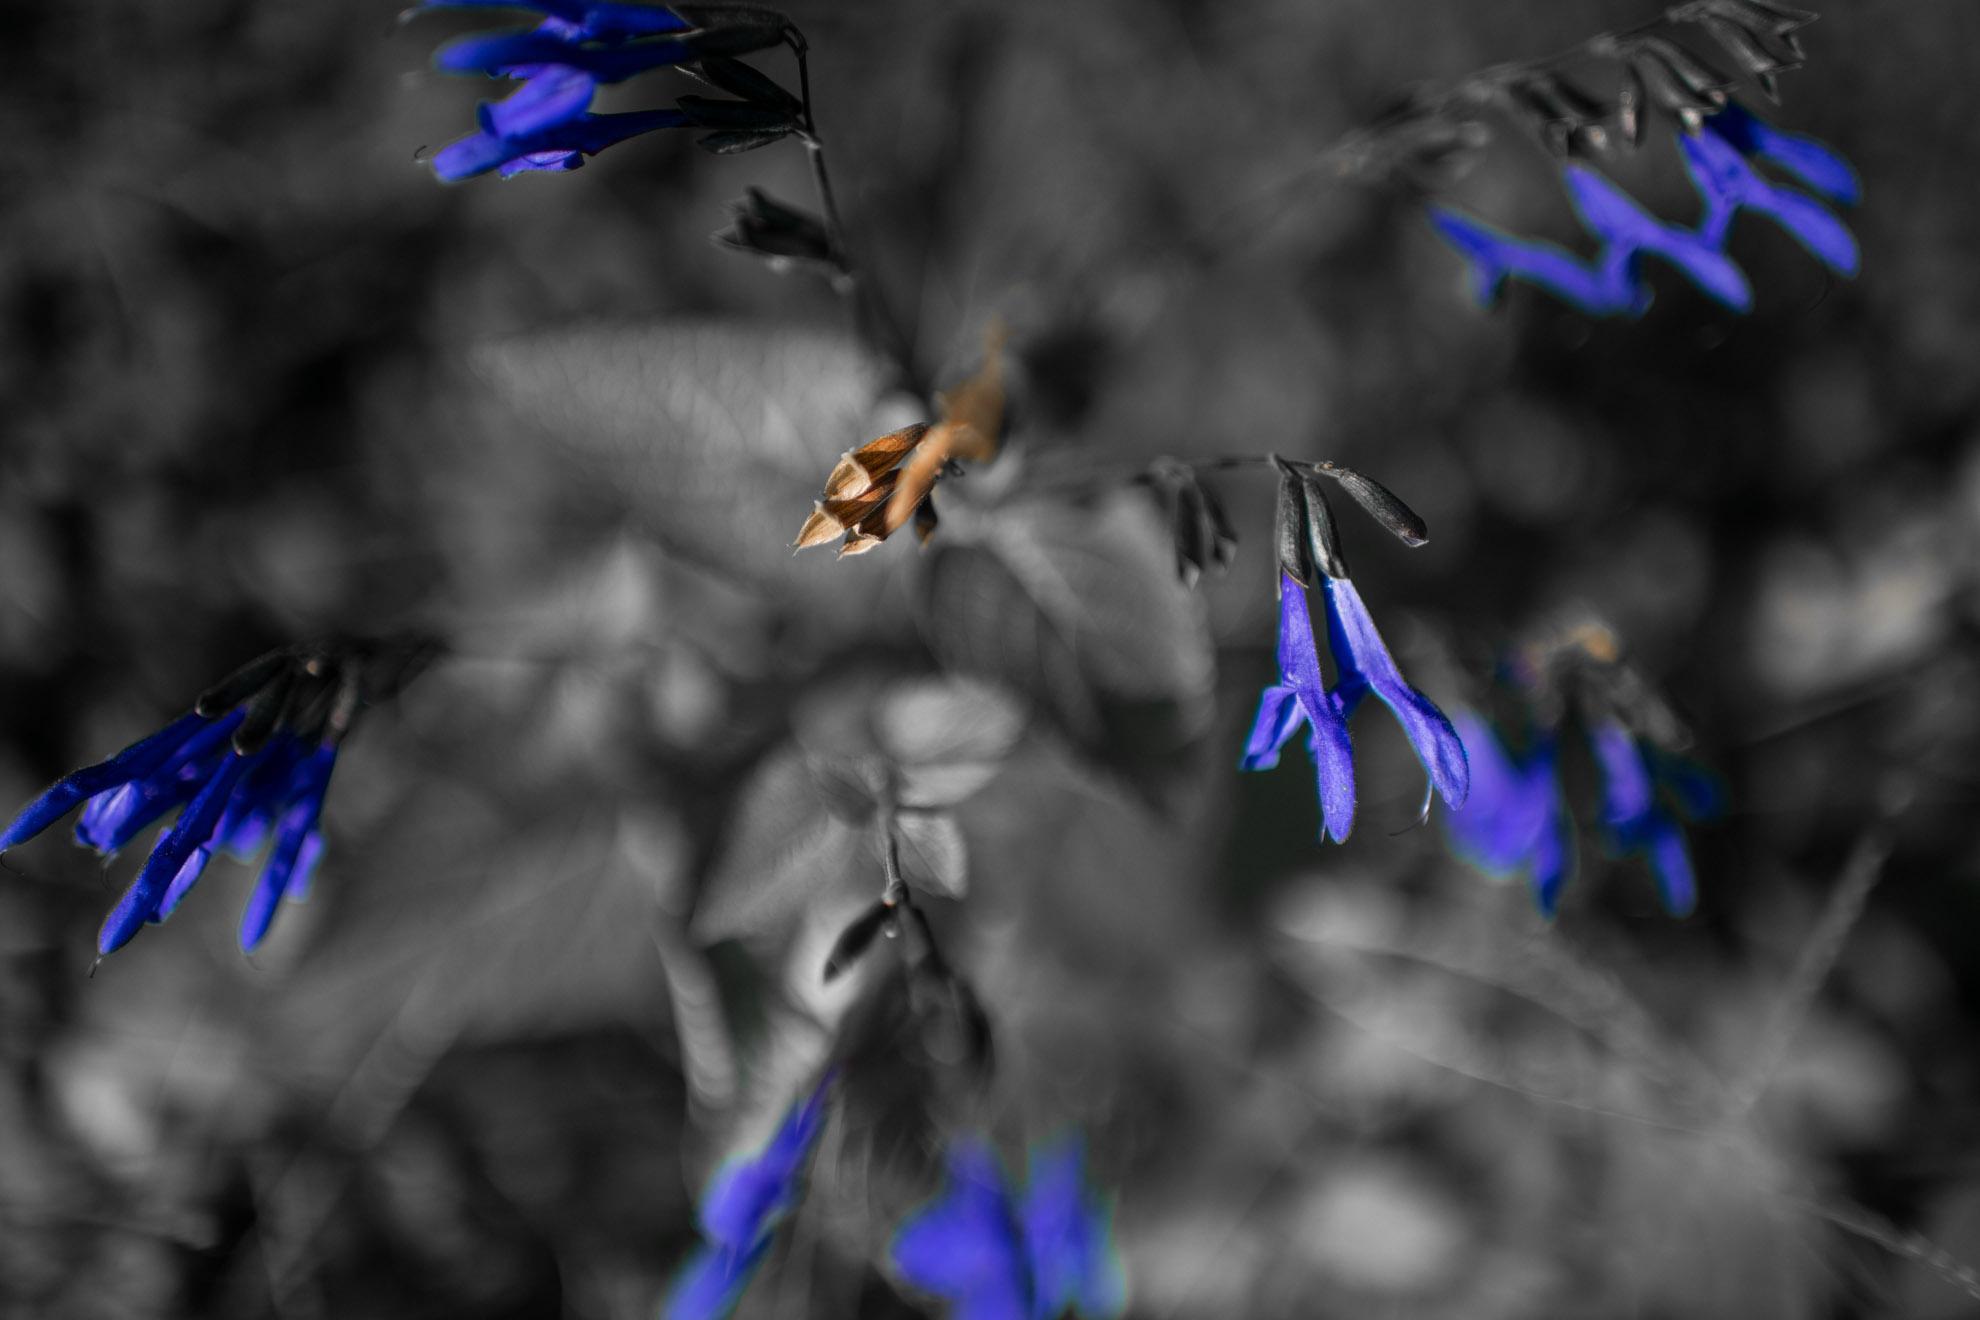 紫色が高貴なサワギキョウ